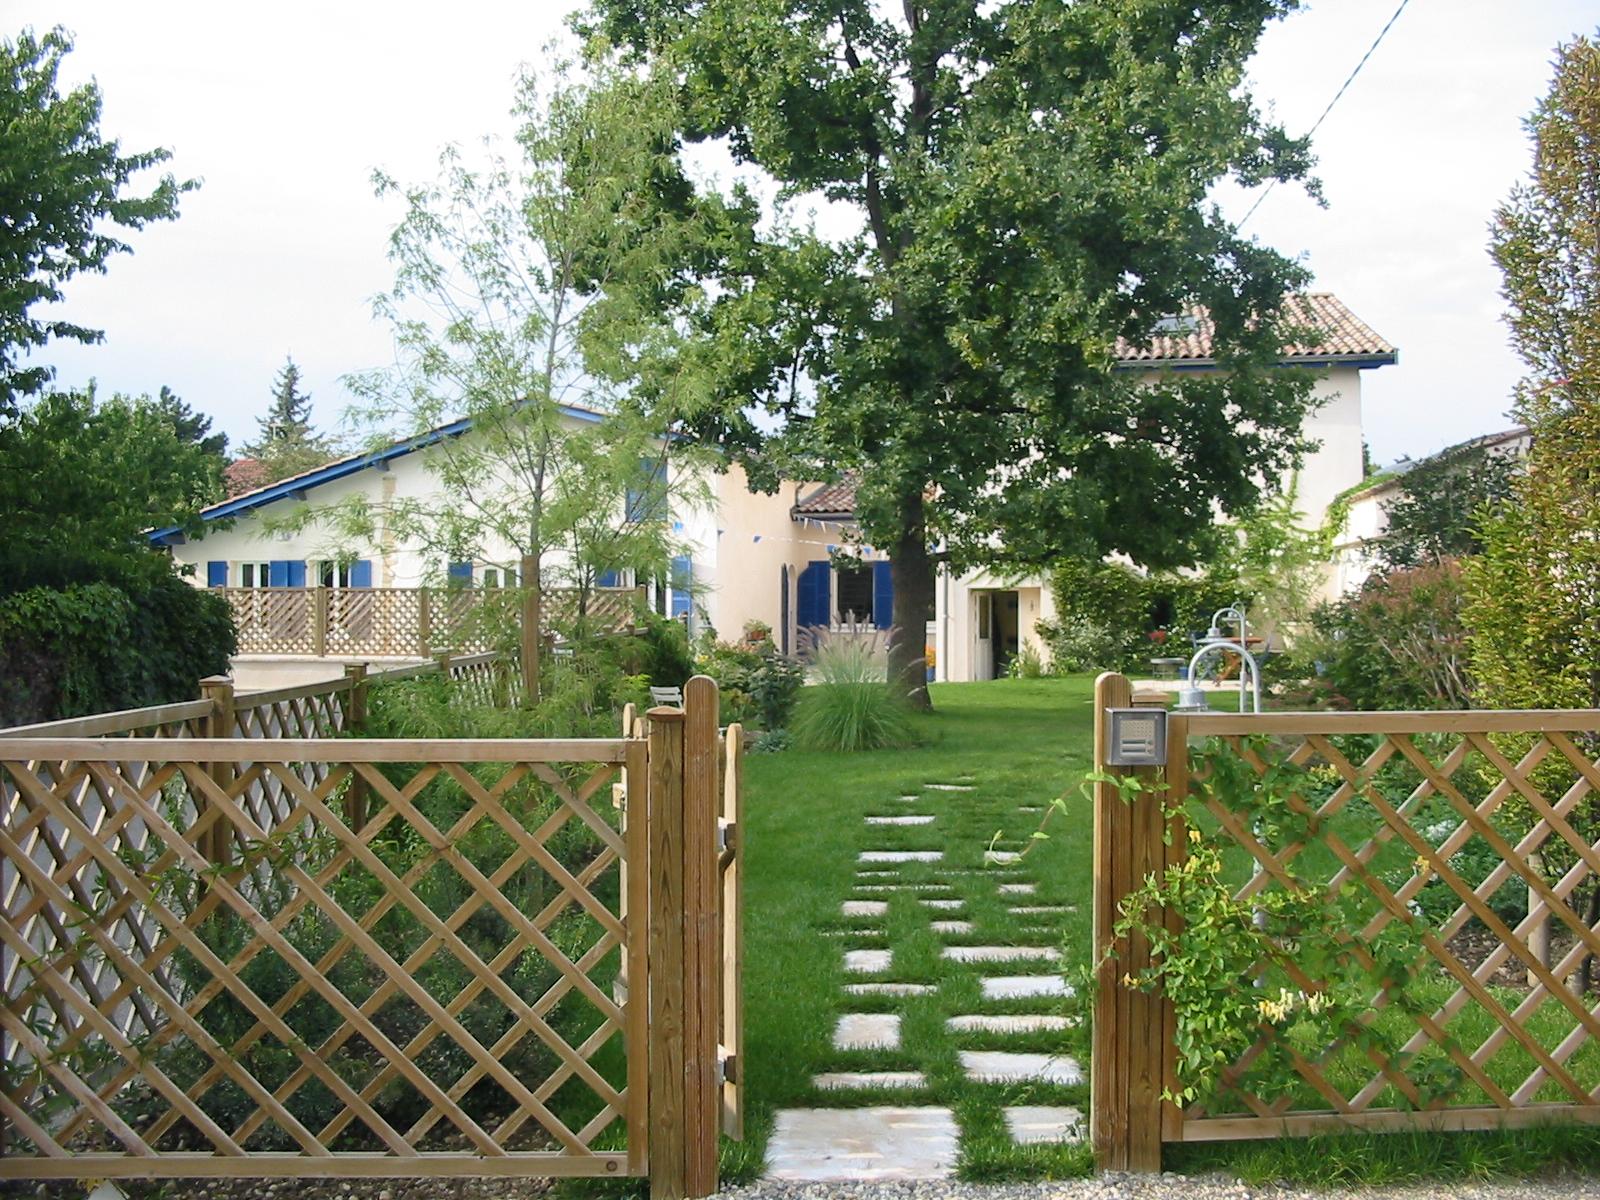 Am nagement de a z c t jardin for Amenagement jardin bois